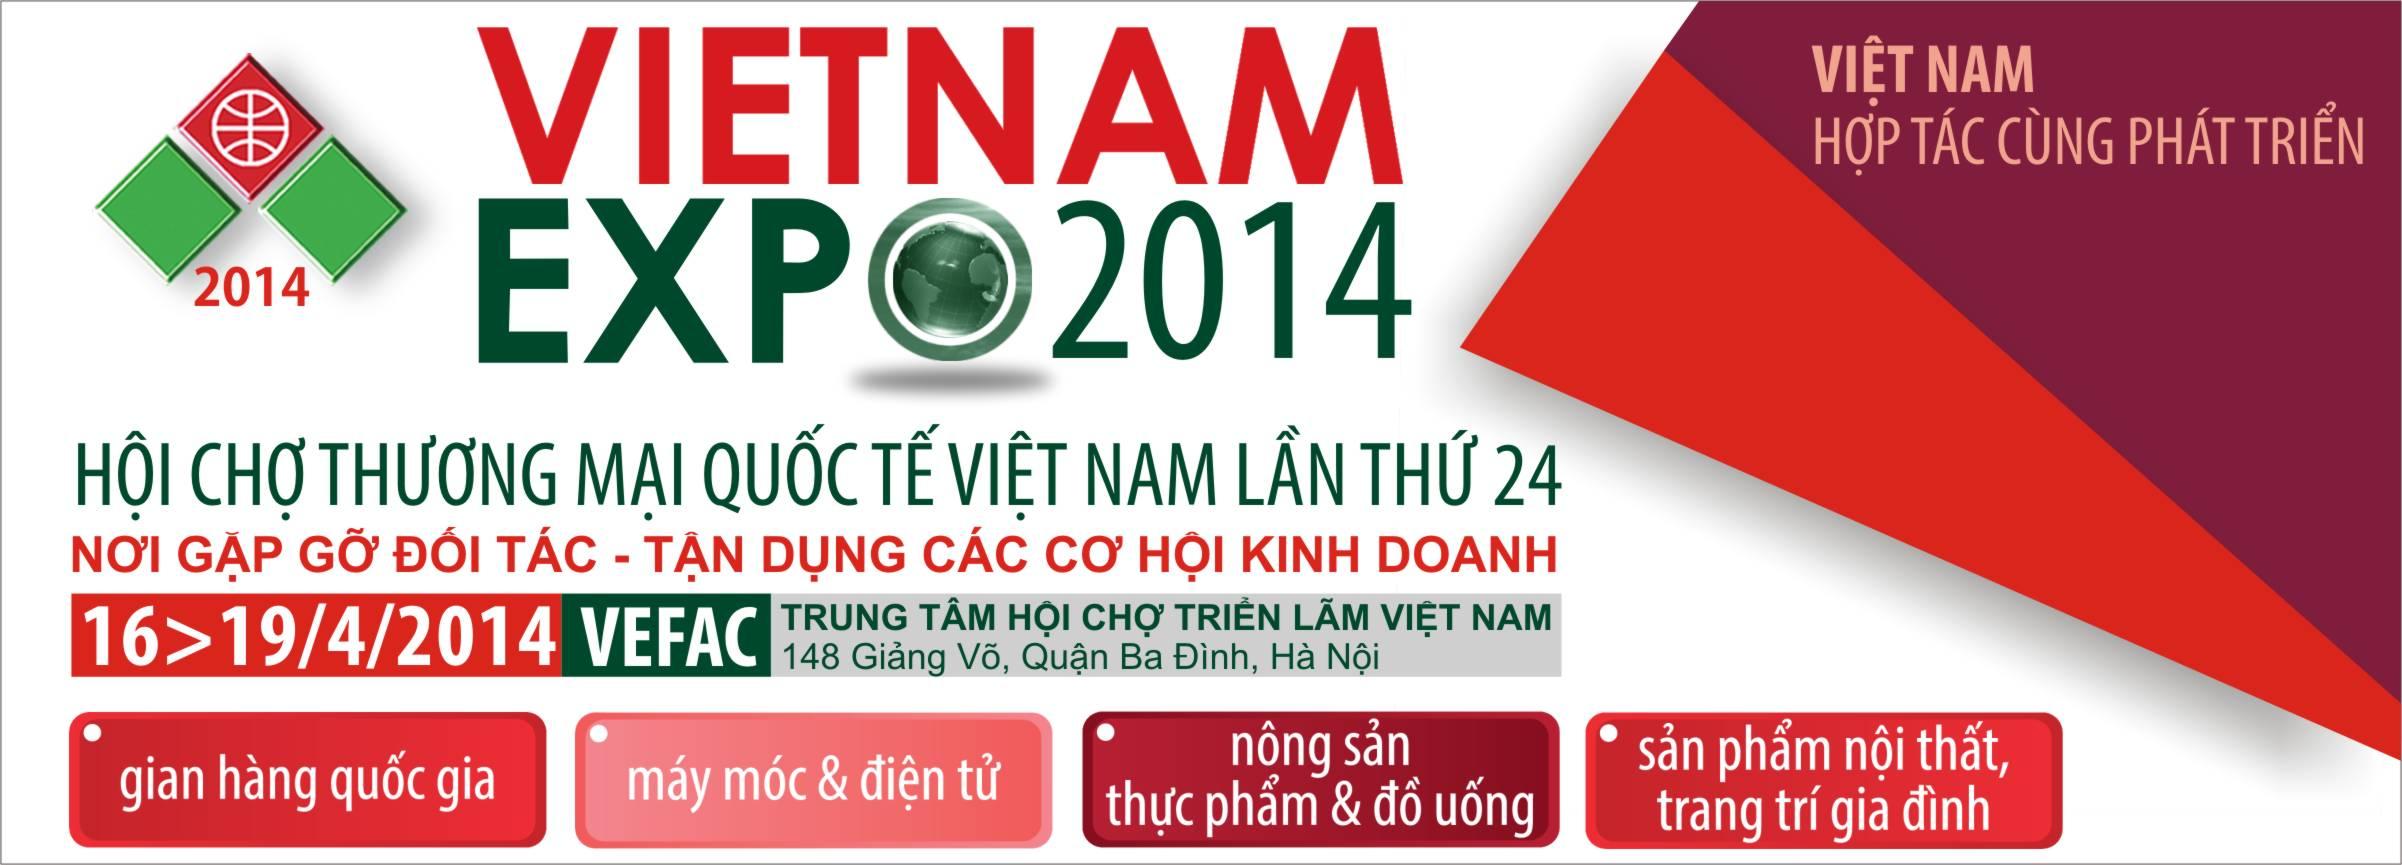 ITALISA VIỆT NAM THAM DỰ HỘI CHỢ  VIỆT NAM EXPO 2014